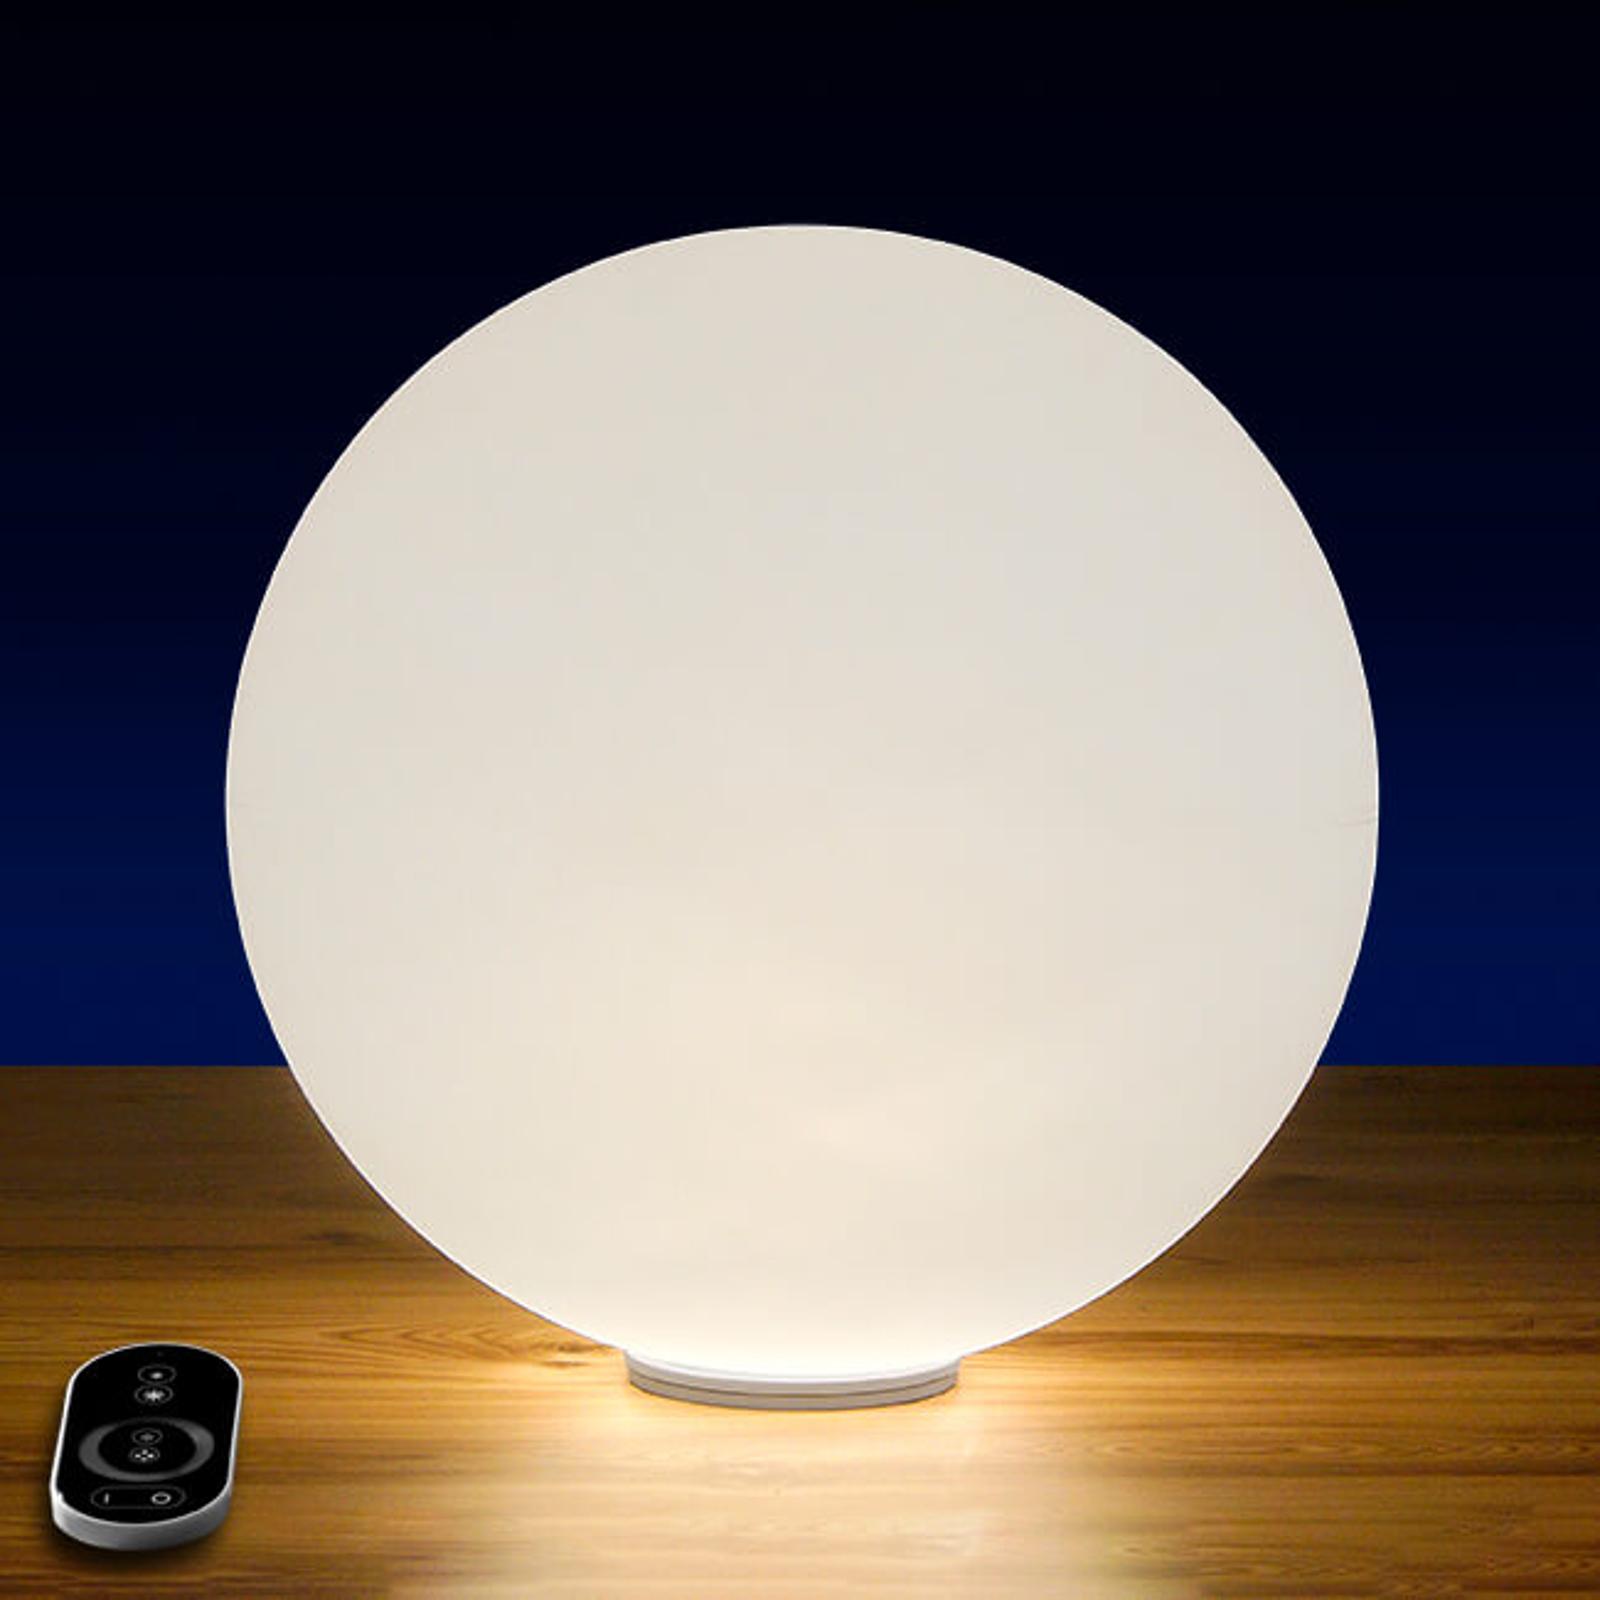 Stmívací LED kulové světlo Snowball, baterie 50 cm